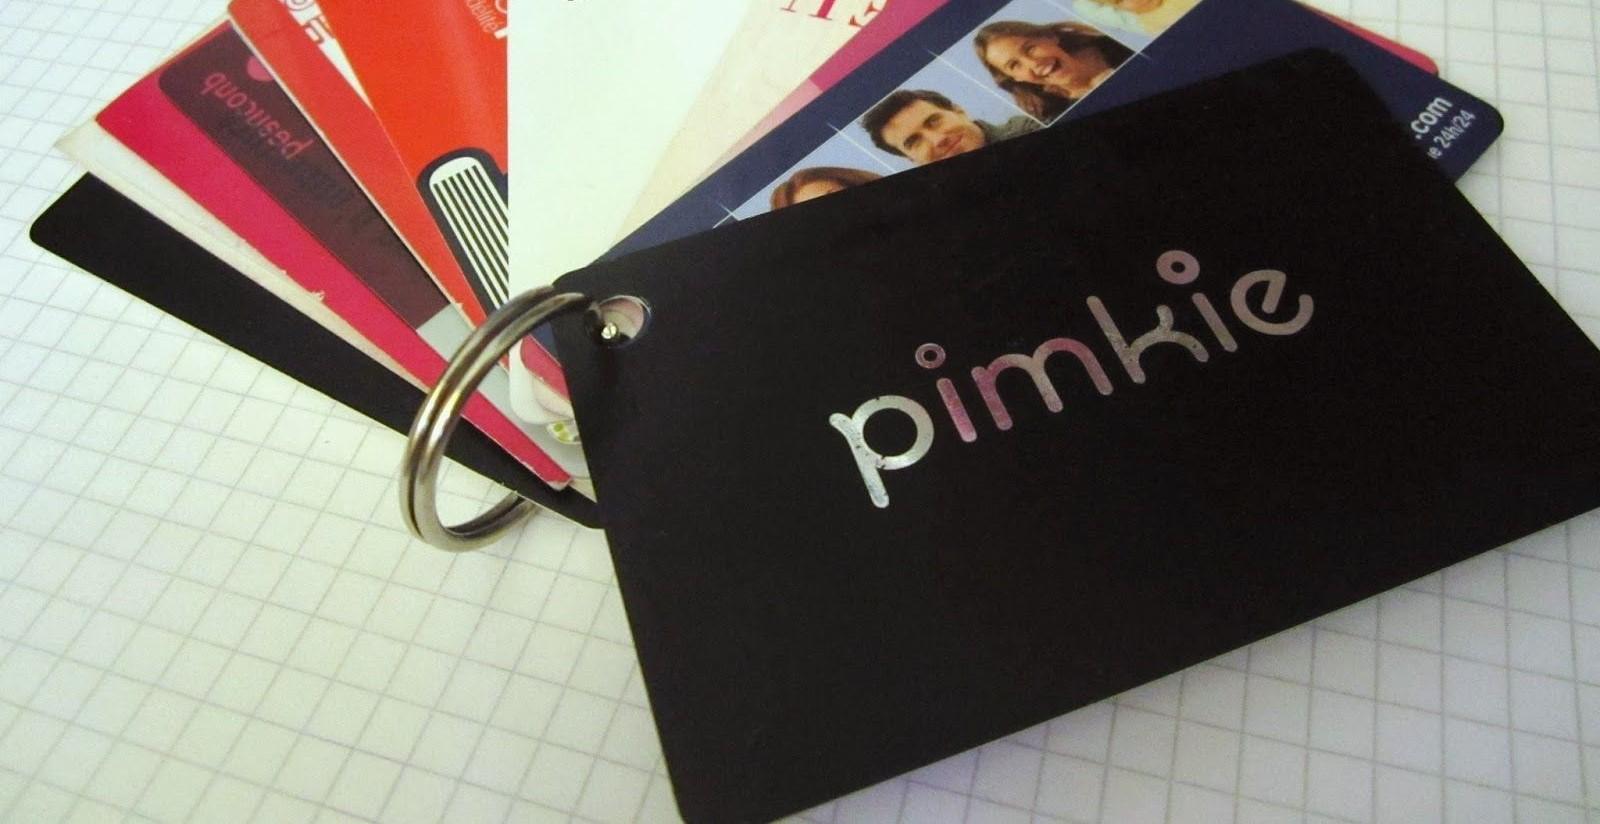 Pimkie abandonne la carte de fidélité en plastique au profit du seul Wallet mobile